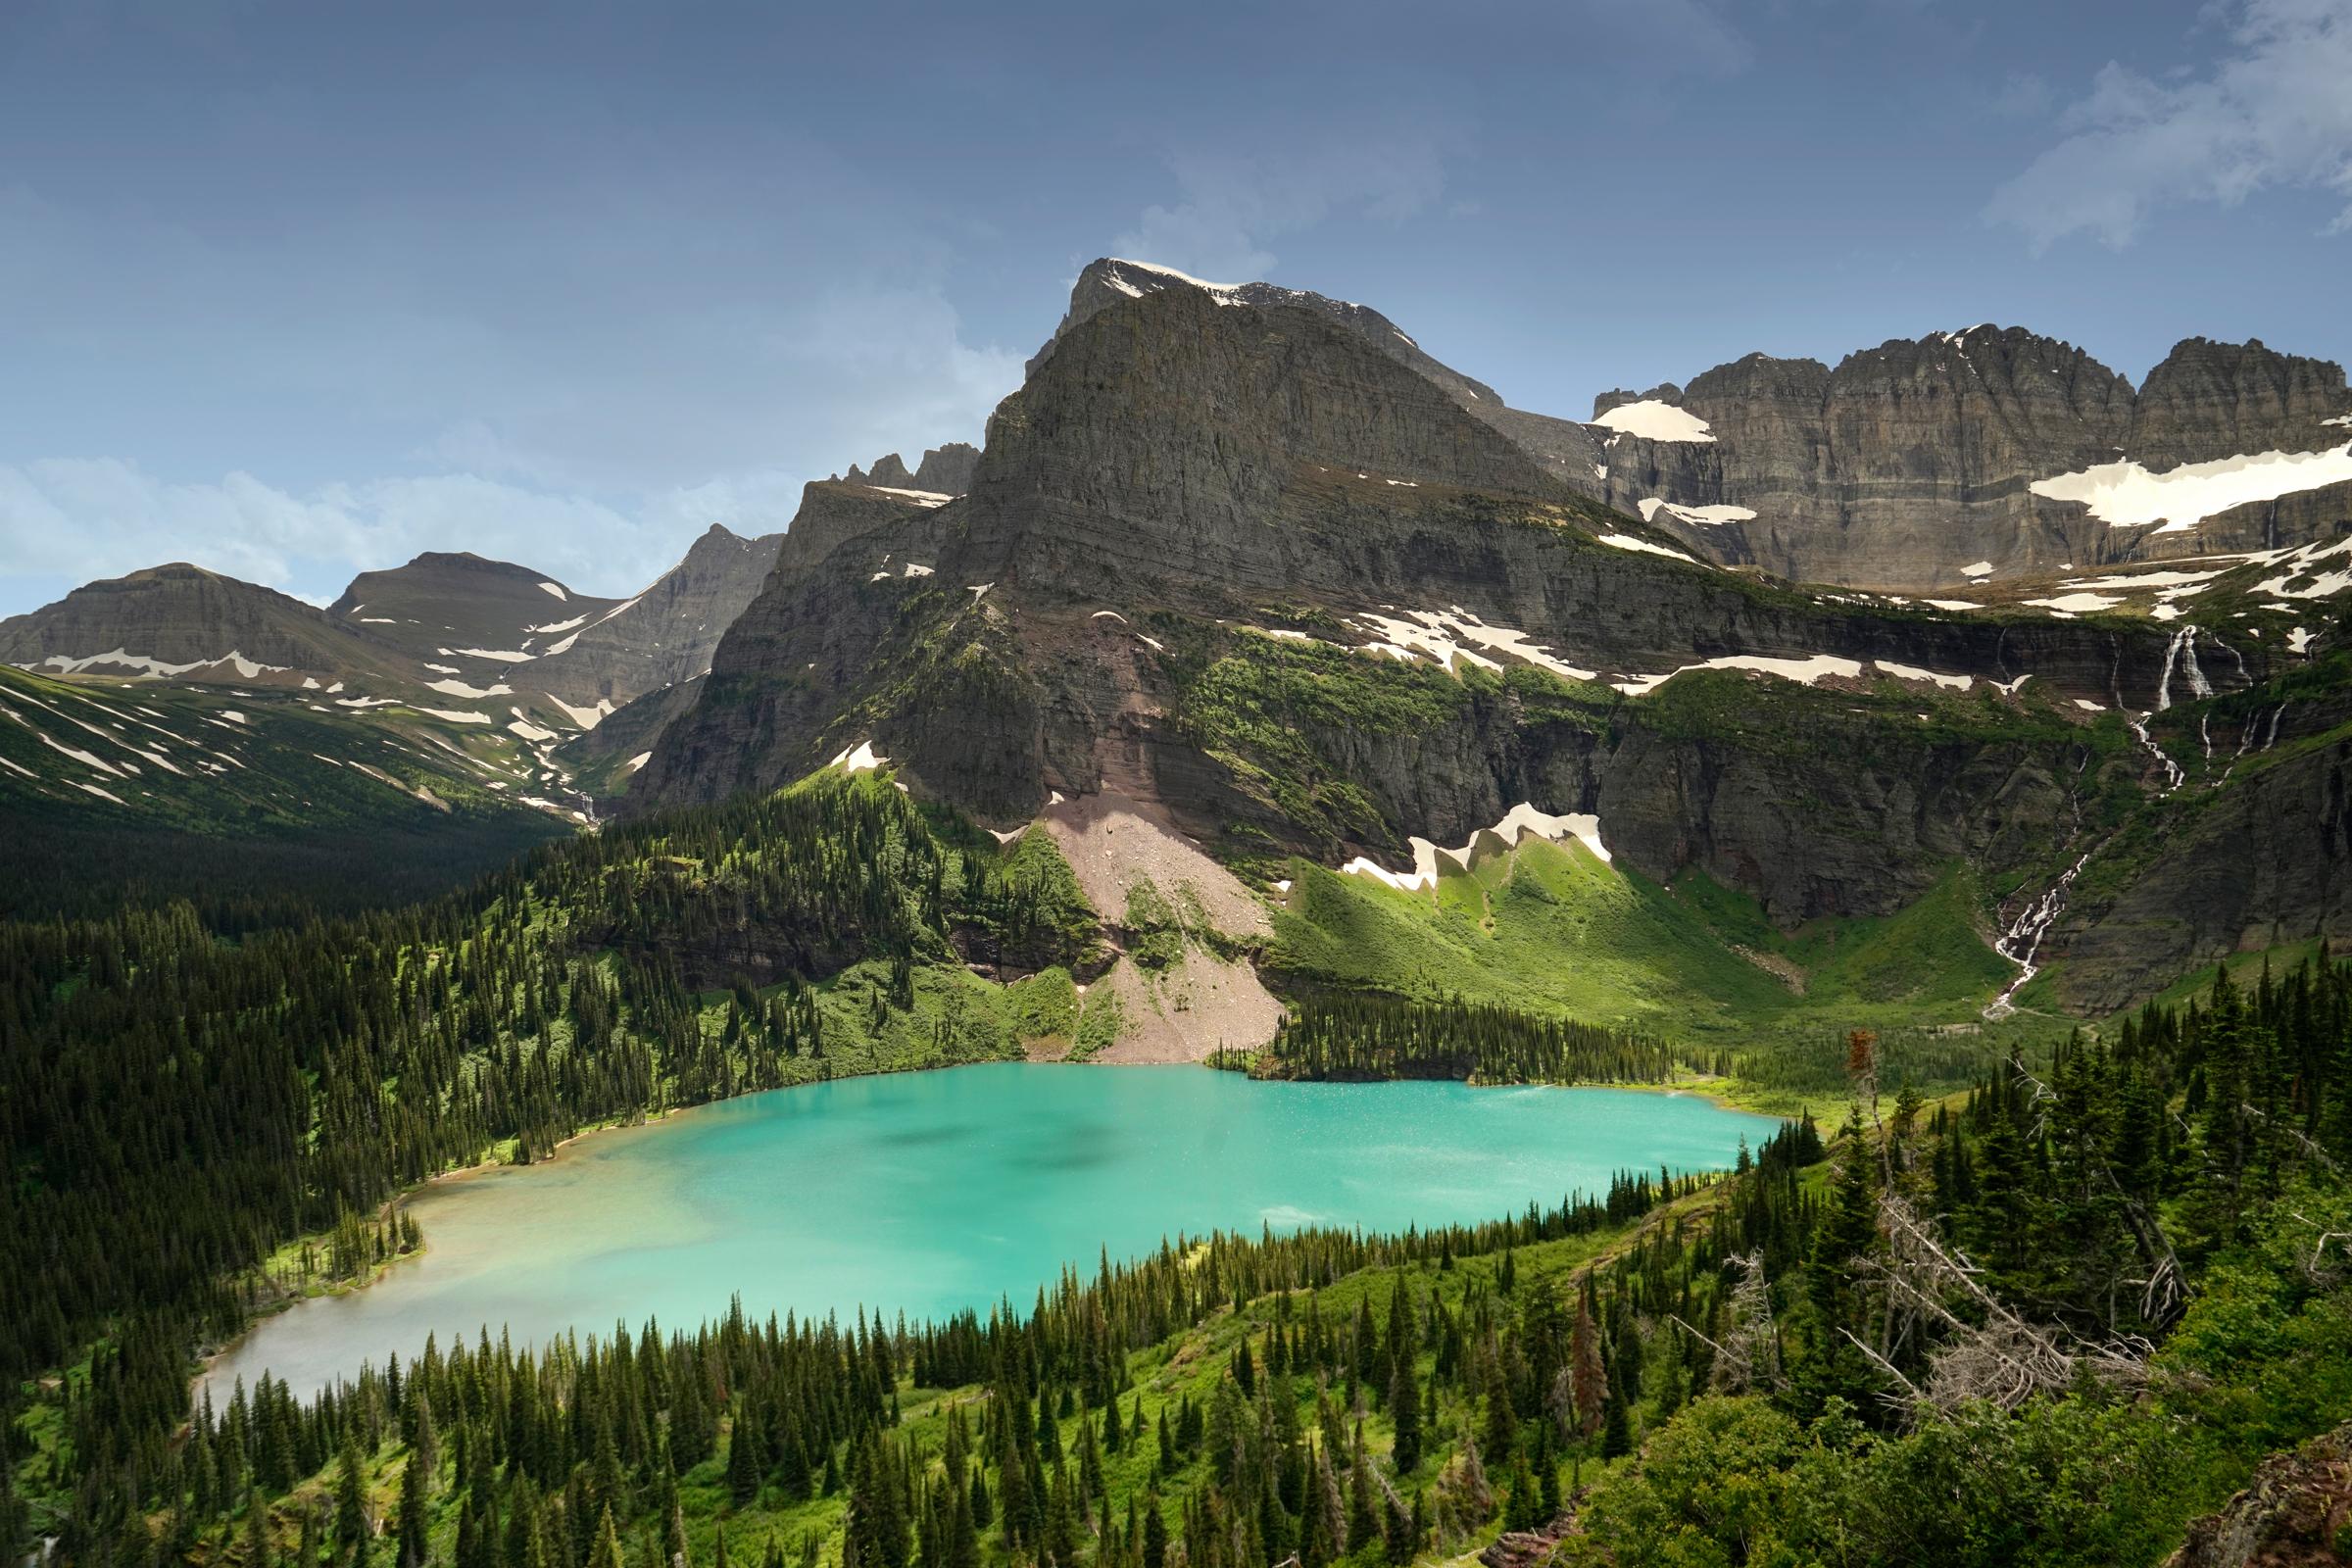 Montana Lower photos